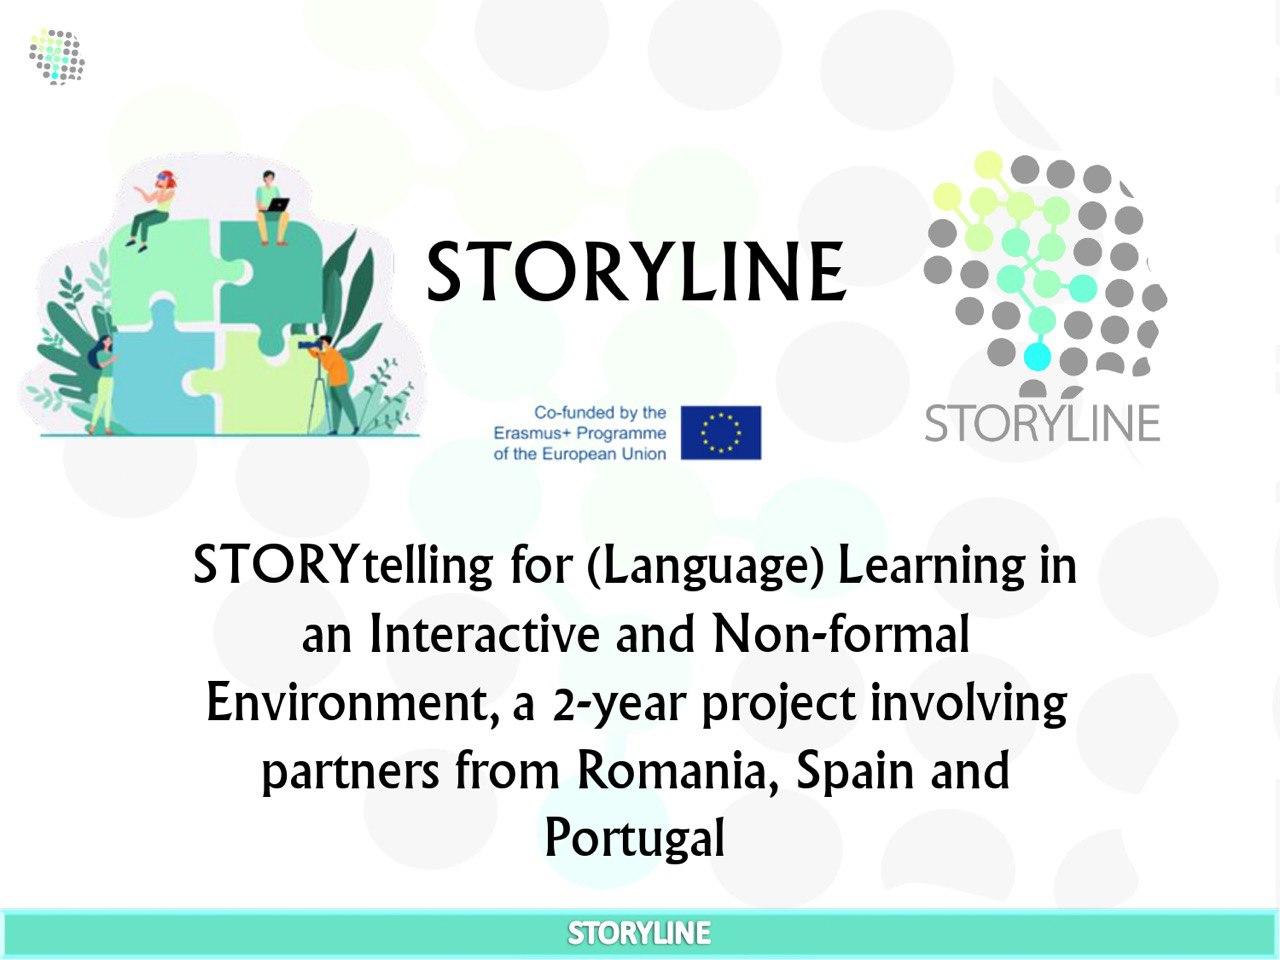 La UGR participa en un proyecto orientado a la puesta en valor y conservación del patrimonio cultural inmaterial a través de la narración oral